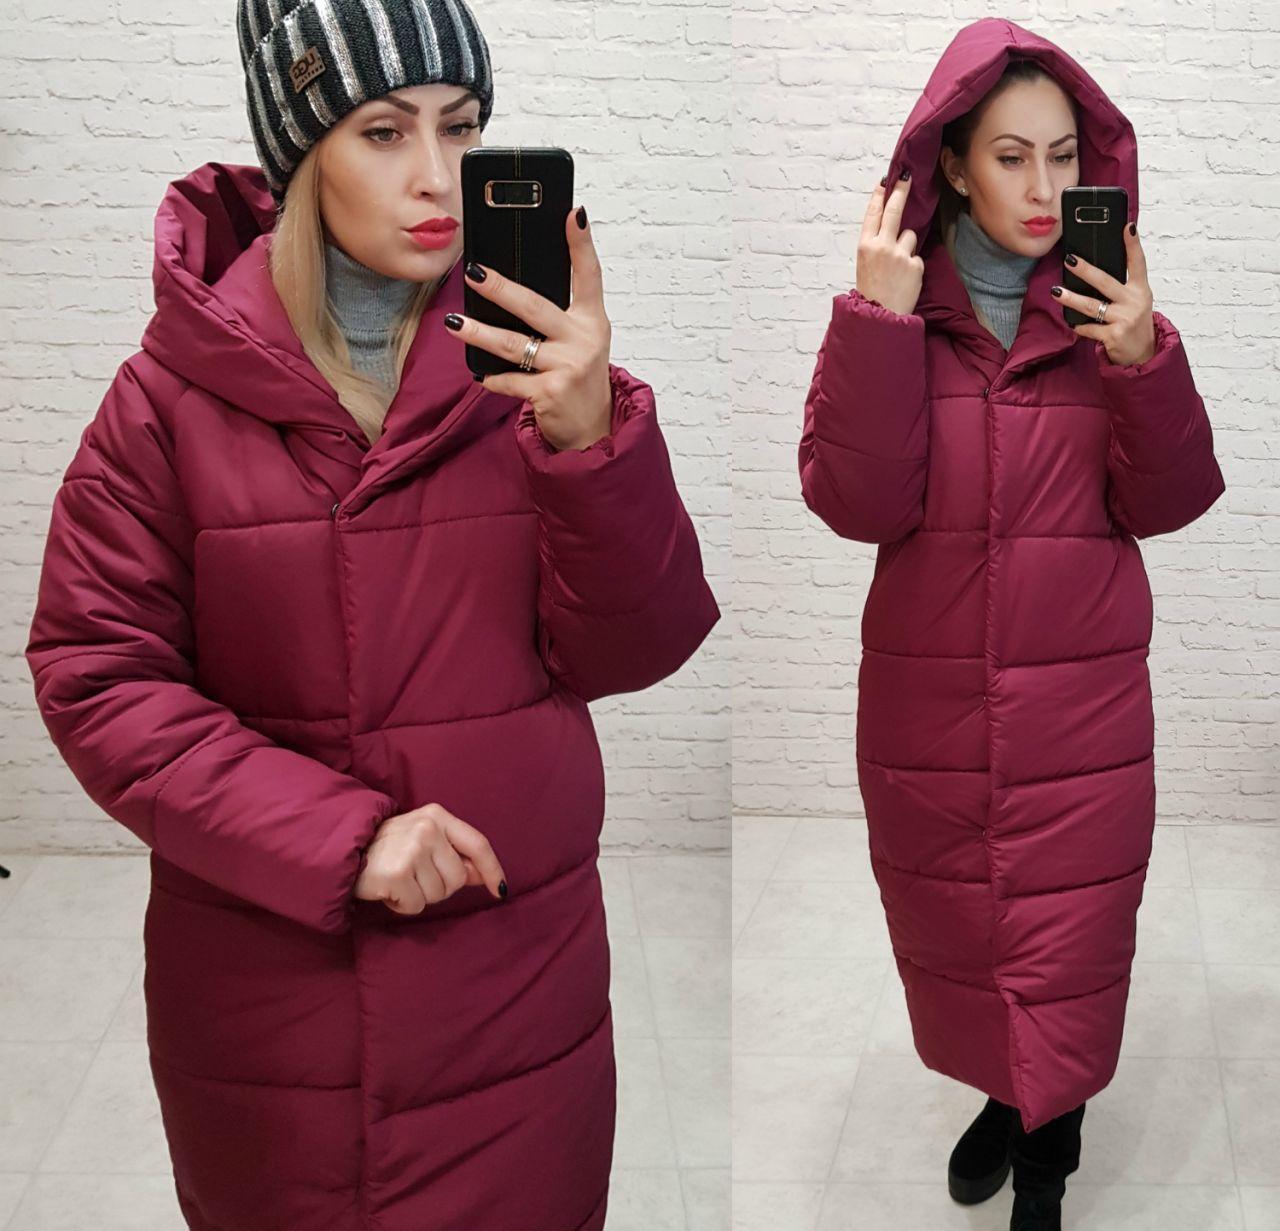 5bb573d97a3 Куртка зимняя длинная очень теплая с капюшоном арт. М521 вишня - Интернет  магазин женской одежды